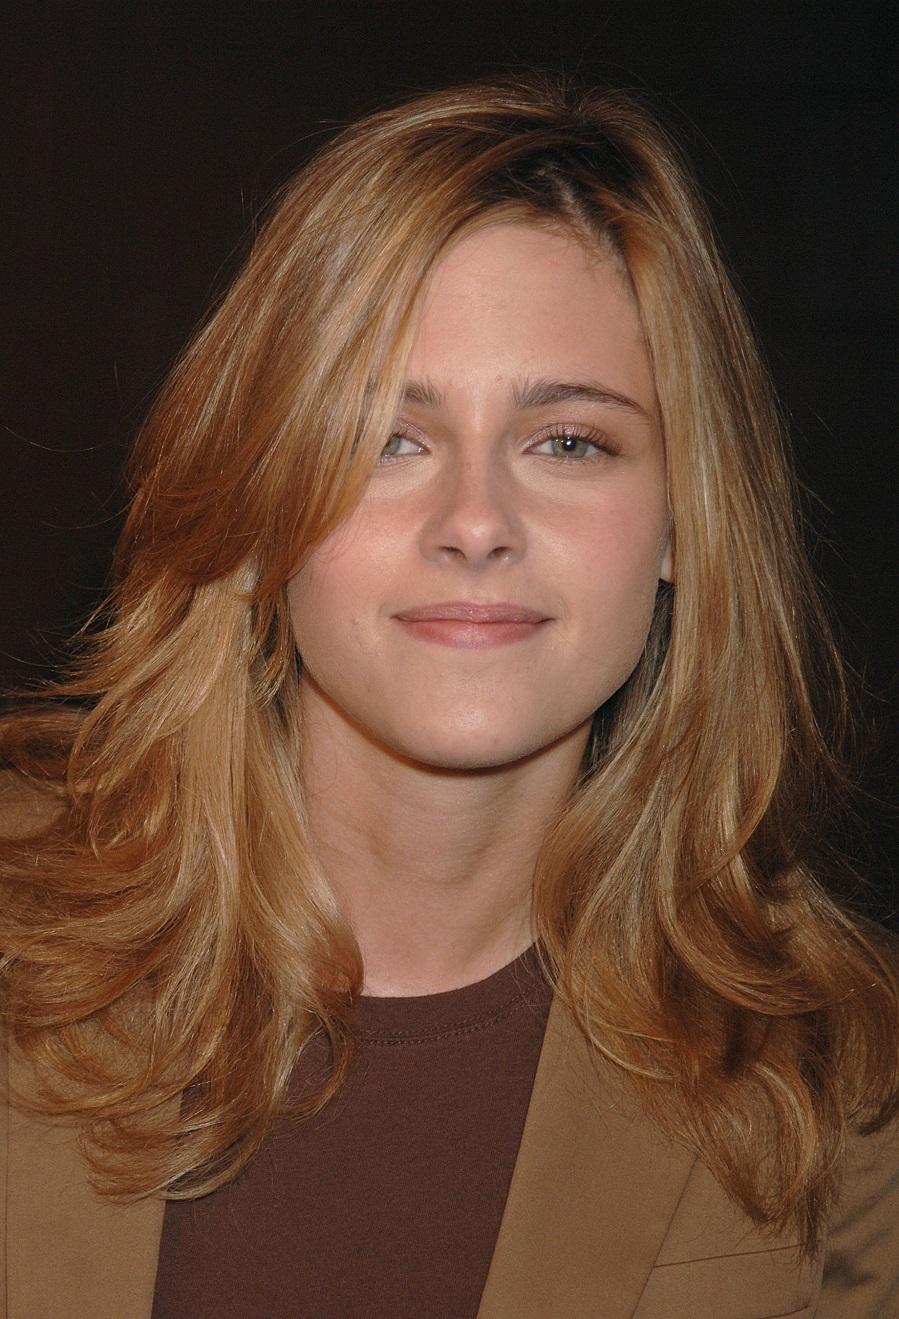 Los 31 años de Kristen Stewart: de niña buena a Lady Di, pasando por icono punk - Una buena adolescente